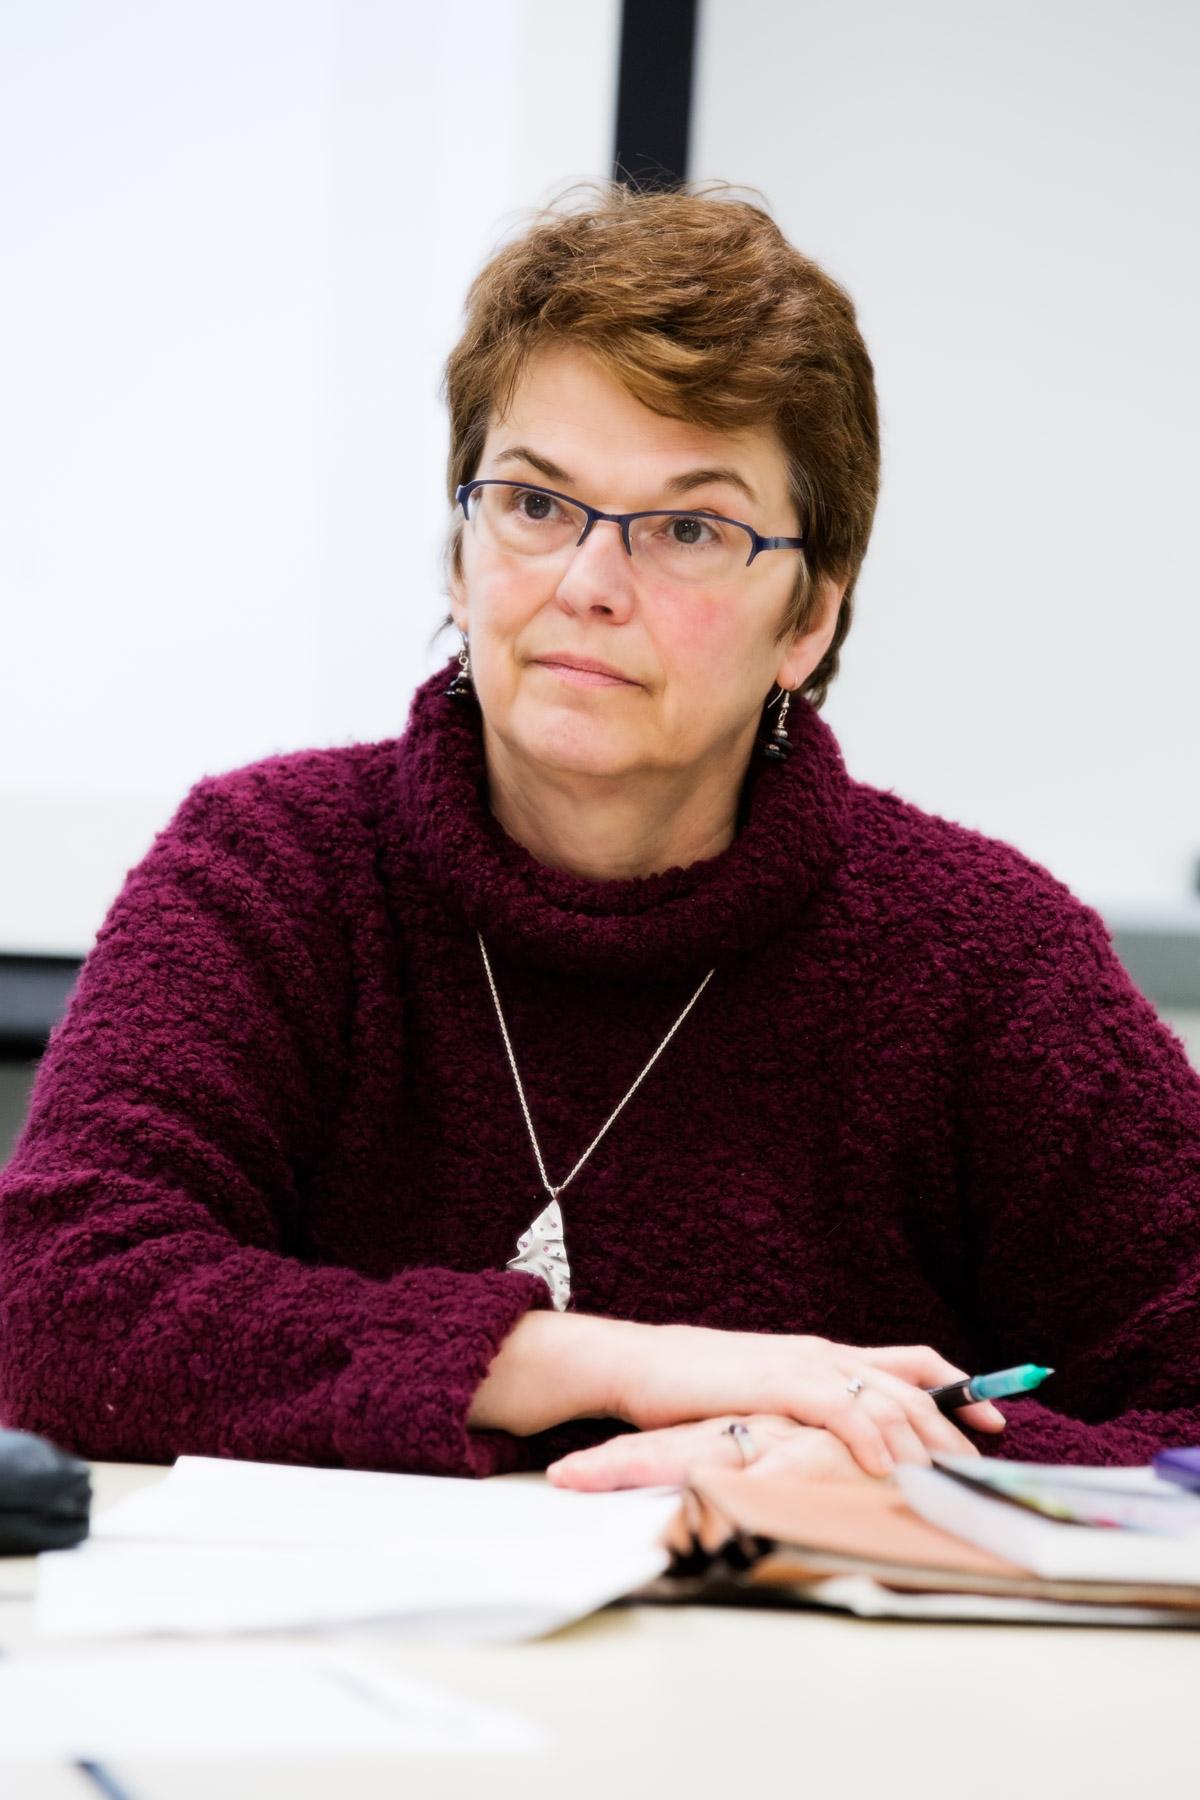 Rebecca Hendrick in class